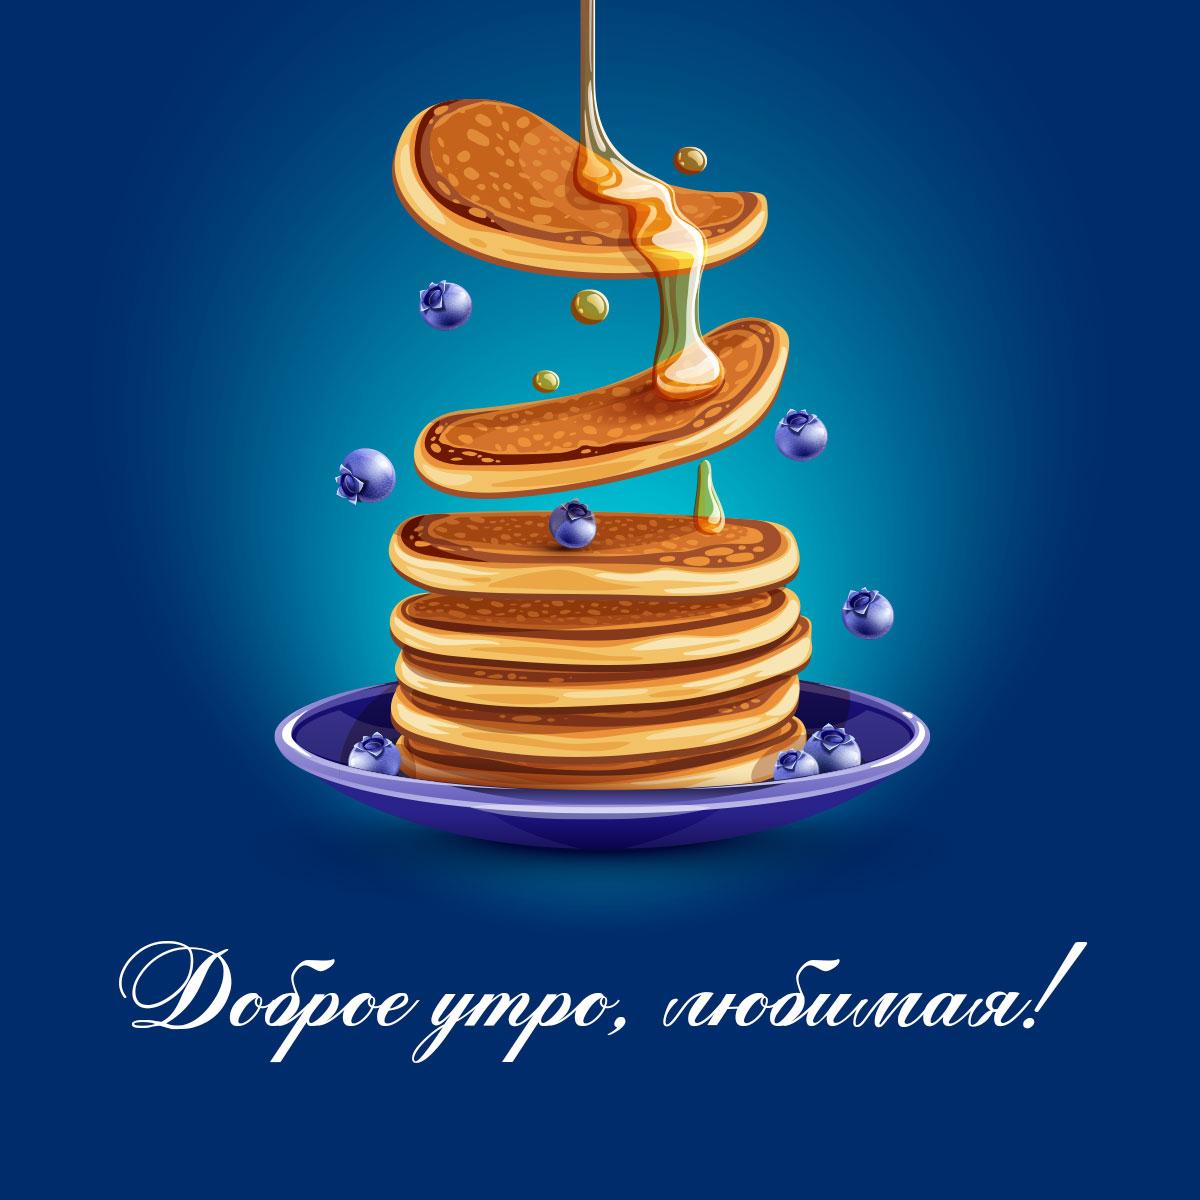 Синяя картинка со стопкой блинчиков на тарелке, мёдом и ягодами.